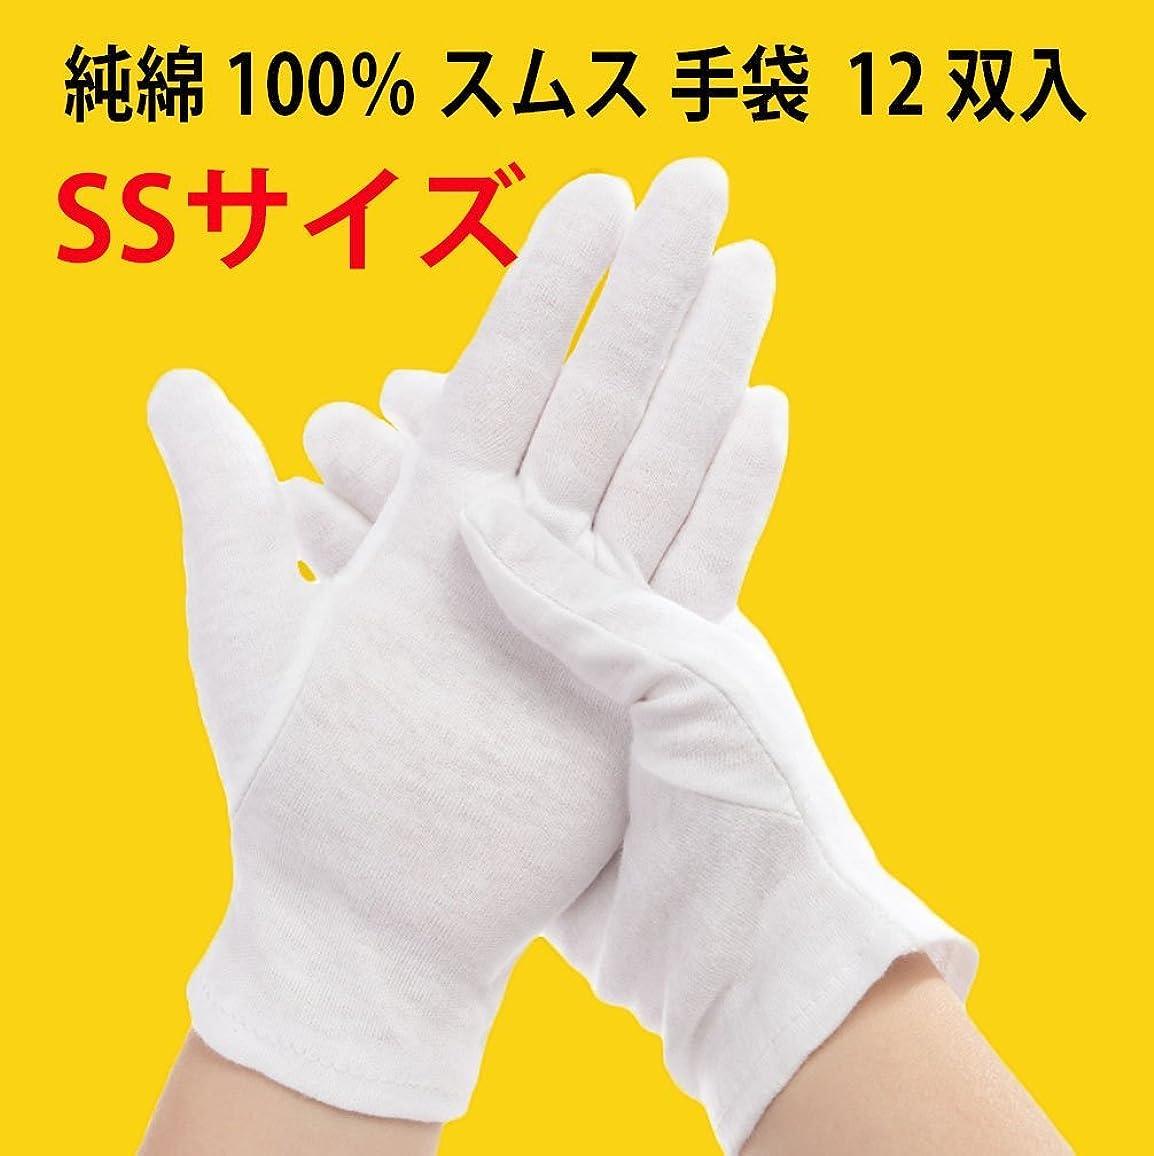 粗いヘクタール最も早い純綿100% スムス 手袋 SSサイズ 12双入 子供?女性に最適 多用途 101111